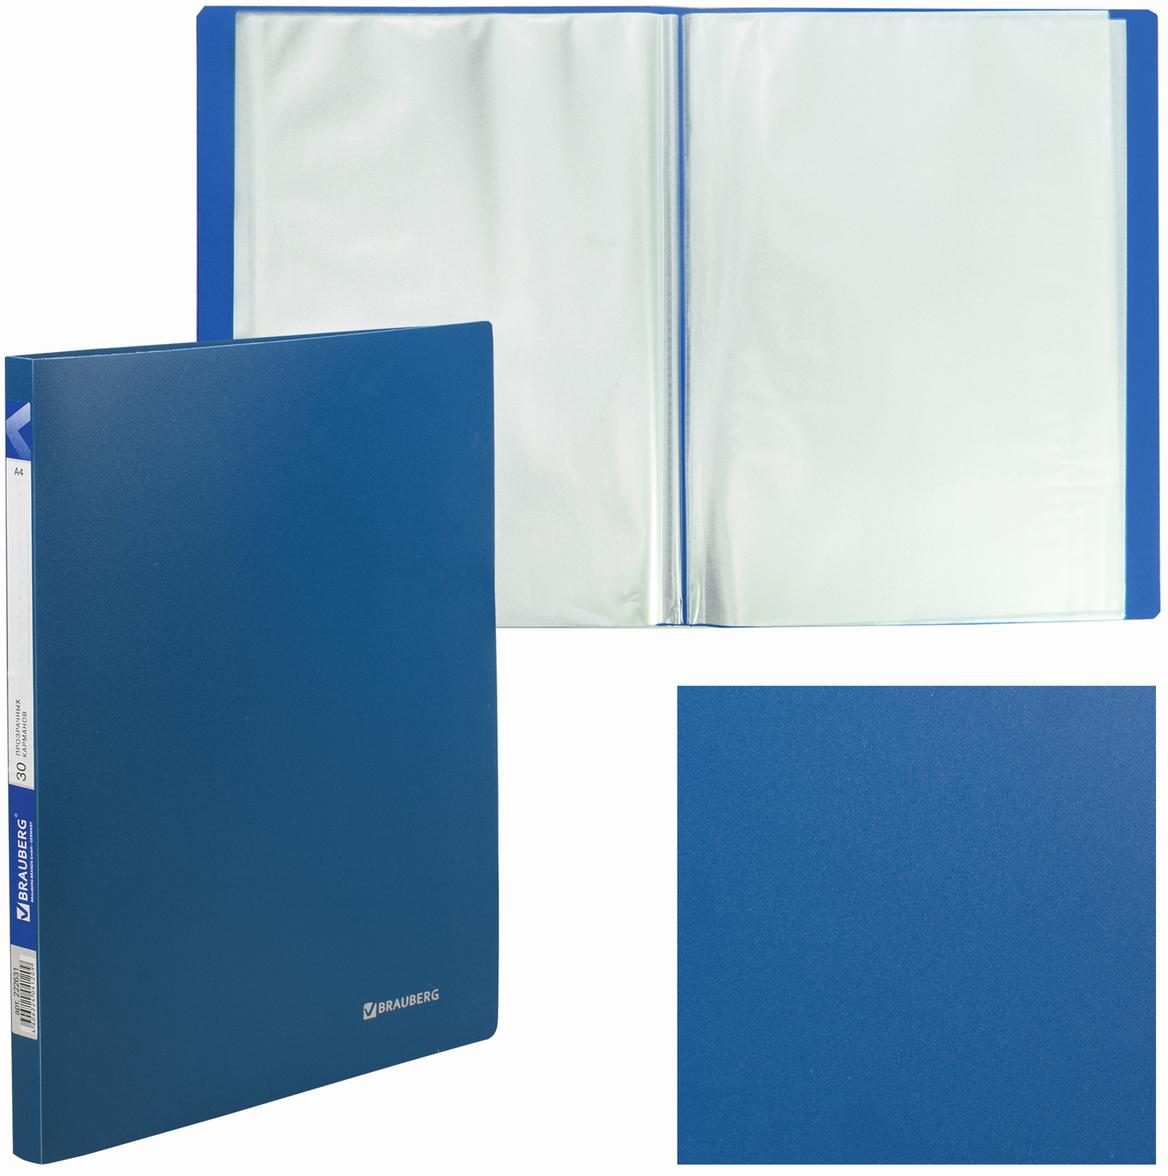 Brauberg Папка Office цвет синий 222631222631Папка удобна для хранения документов, составления каталогов, меню и т.п. На корешок наклеена этикетка для маркировки содержимого. Современный, привлекательный дизайн, отличное качество, доступная цена.